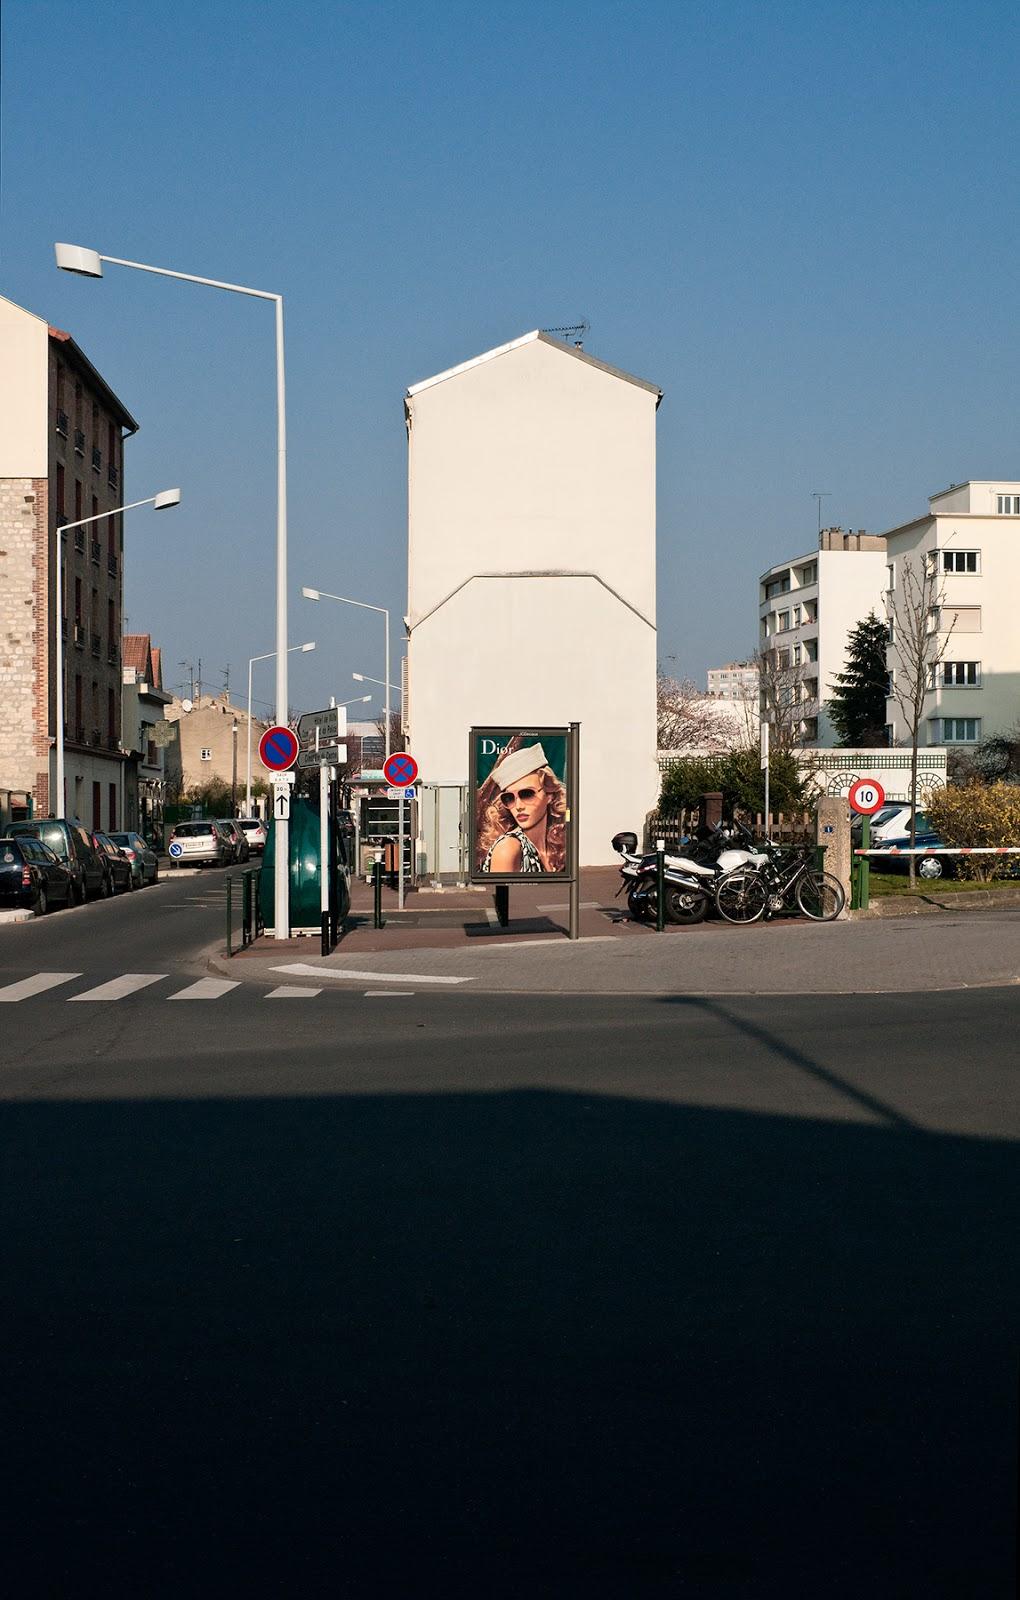 Heins_Dior+at+Nanterre.jpg